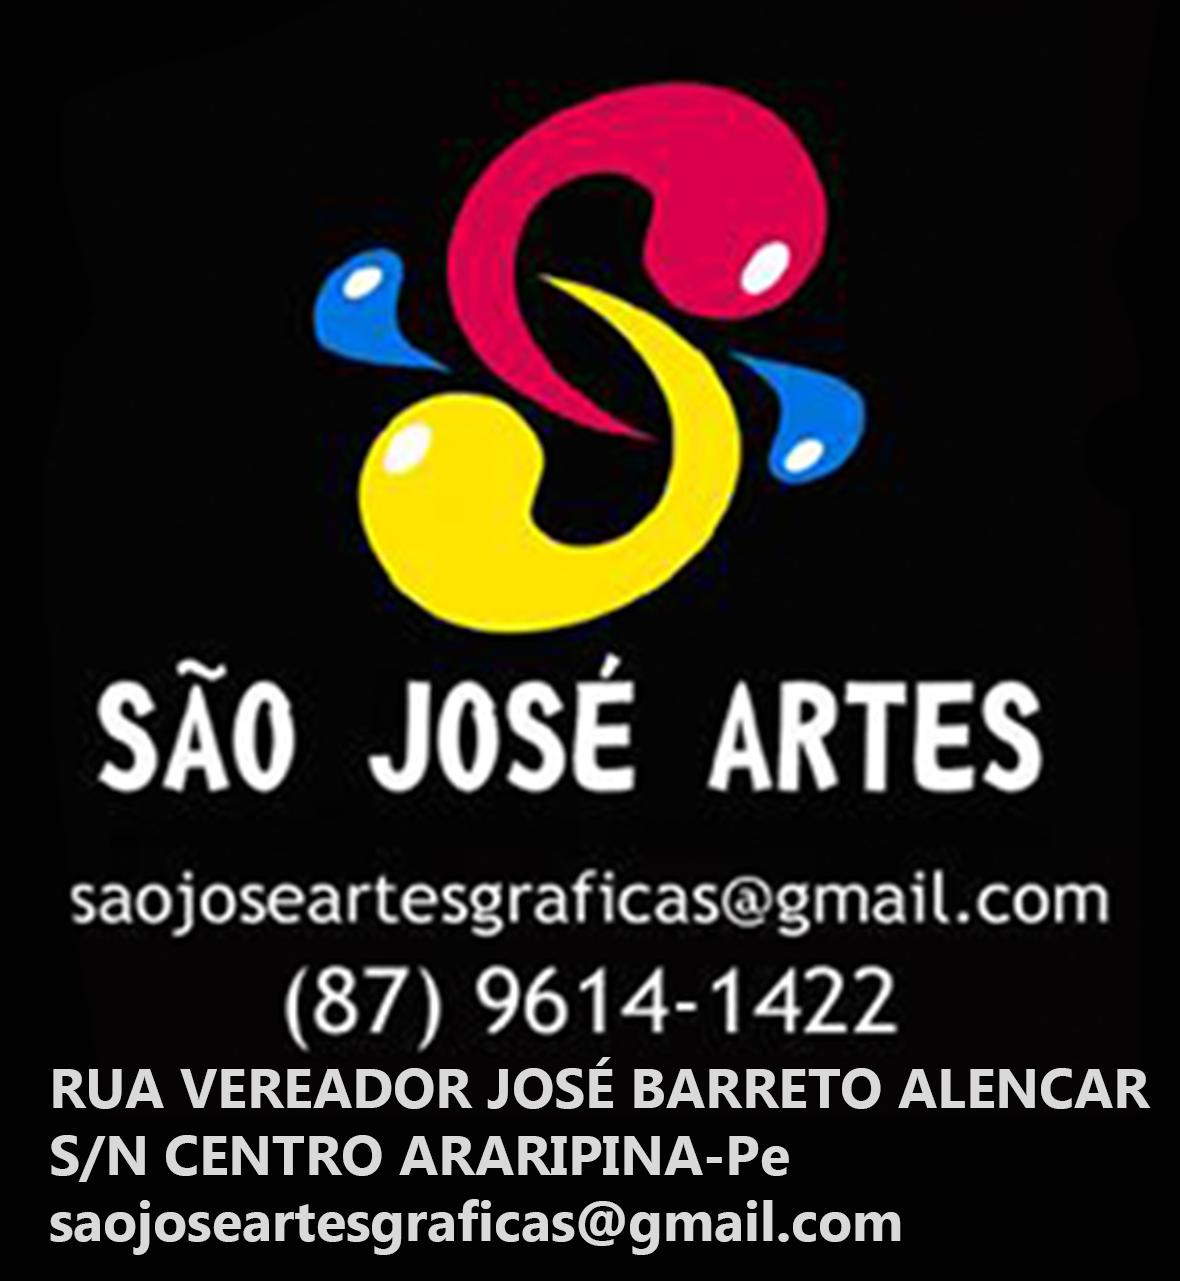 São José Artes